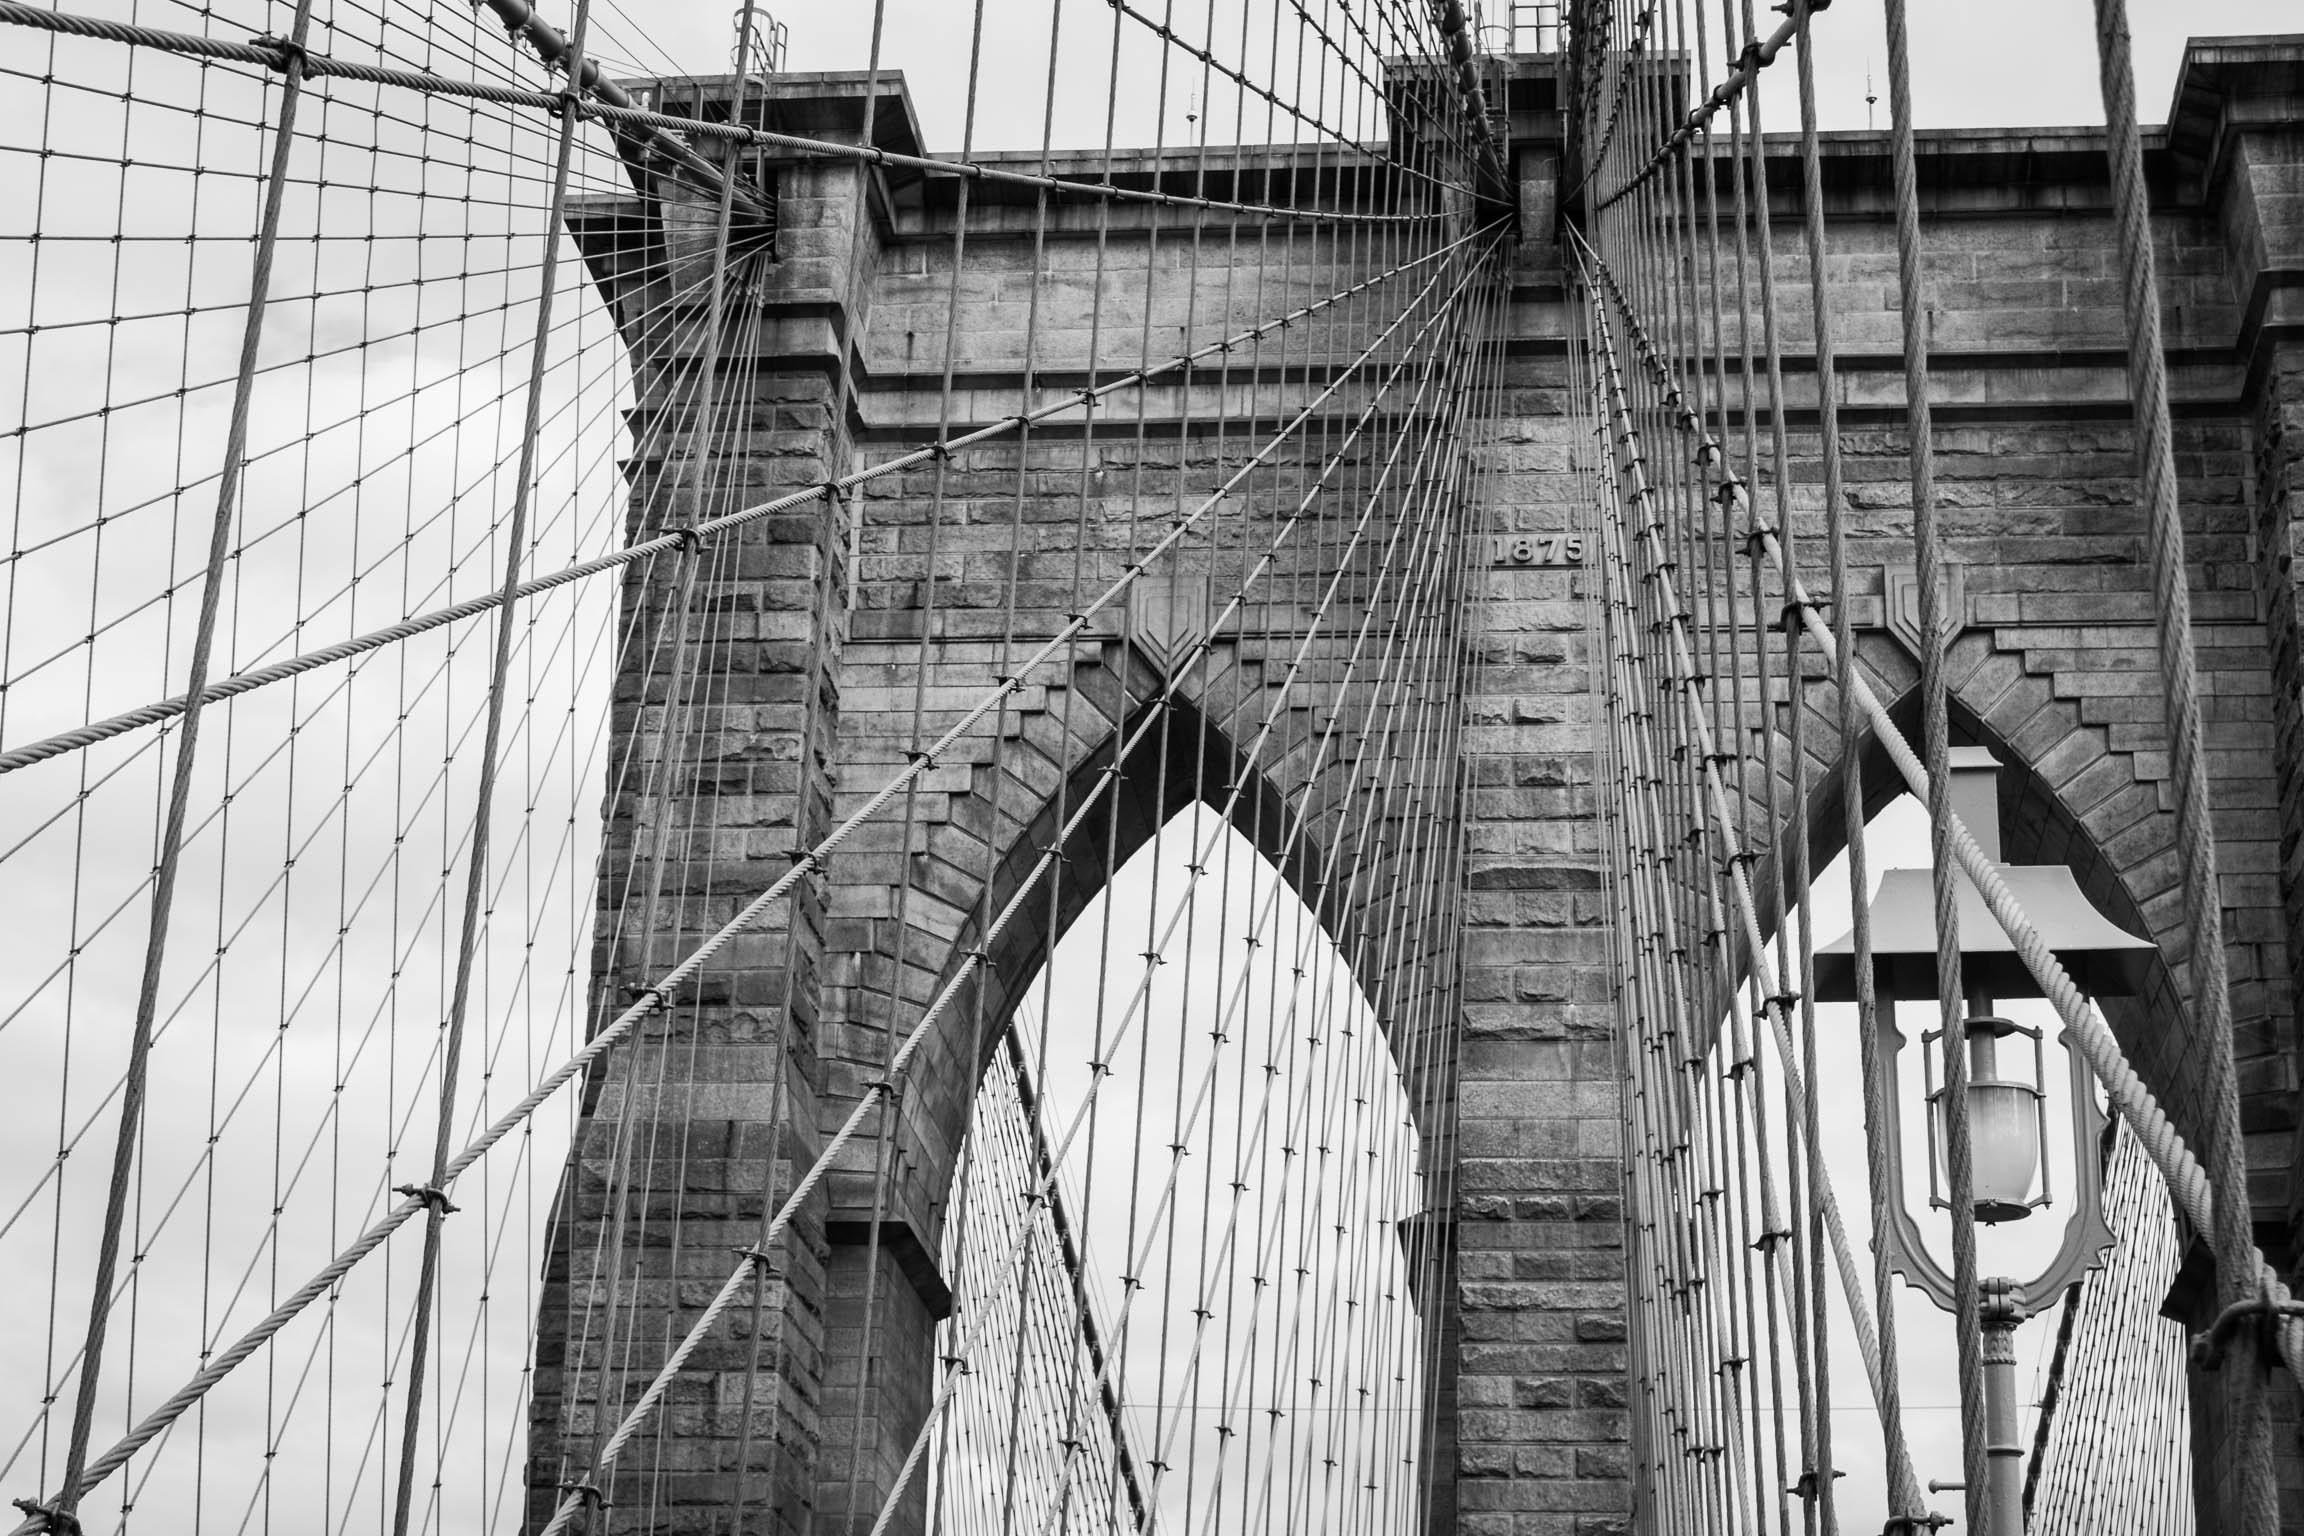 Un peu de graphisme offert par ce fabuleux pont